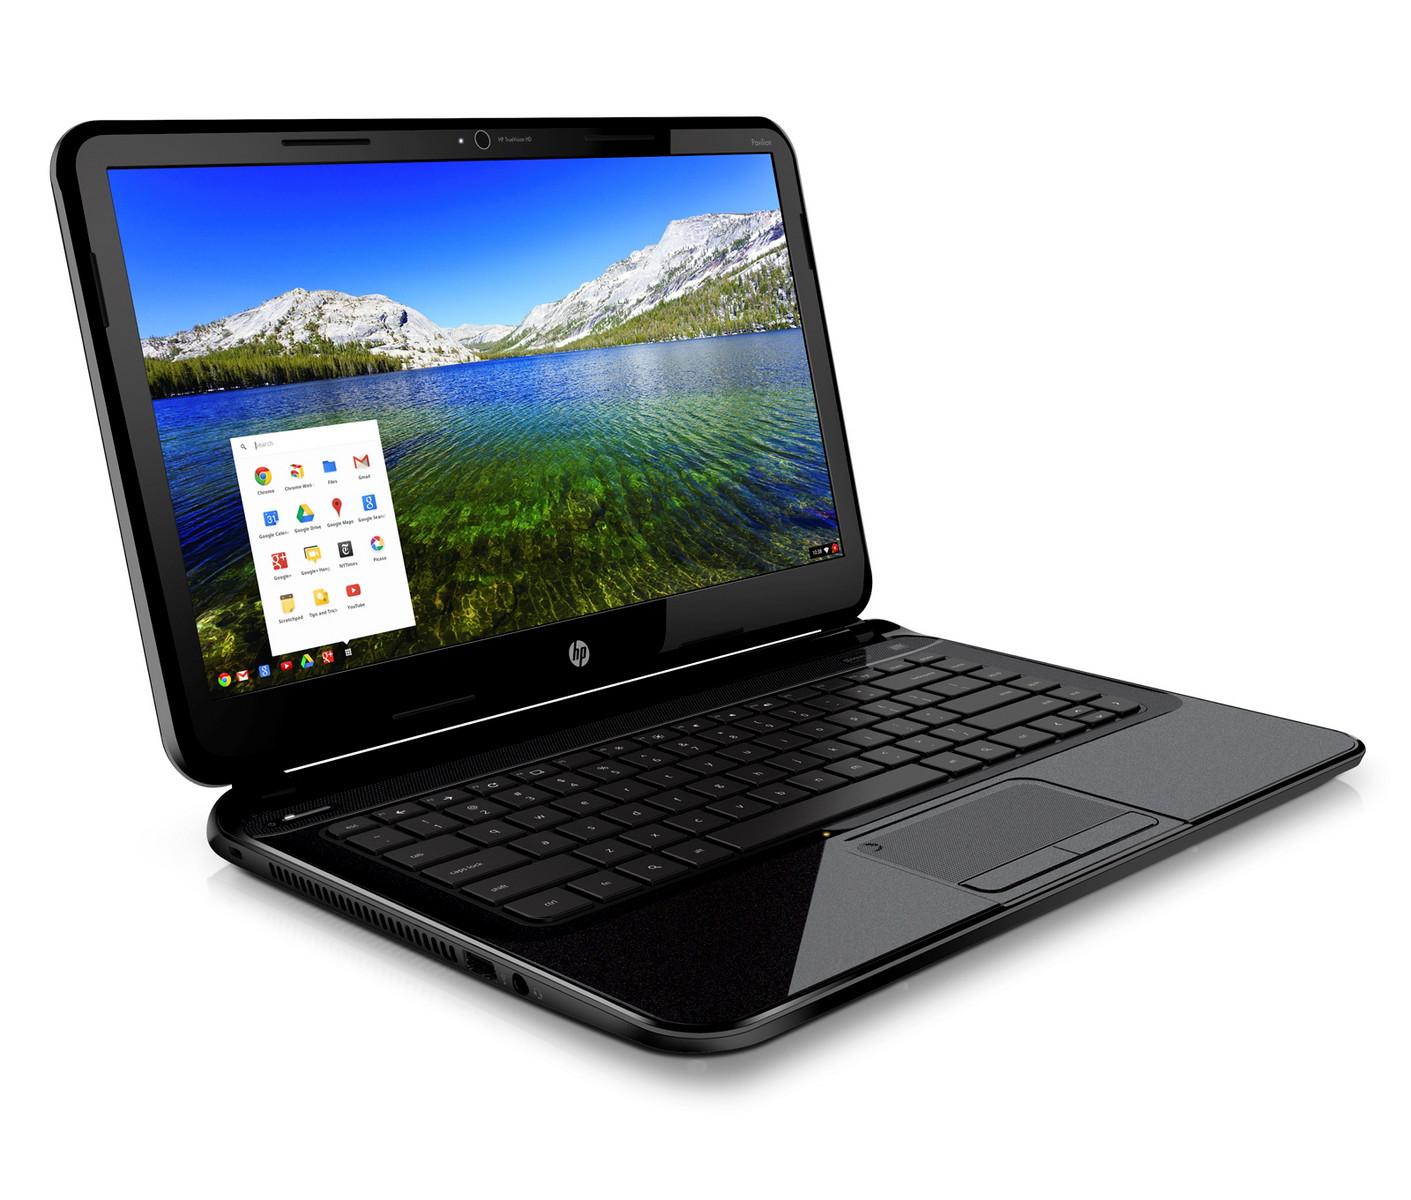 HP Pavilion Sleekbook 15 Series - Notebookcheck net External Reviews